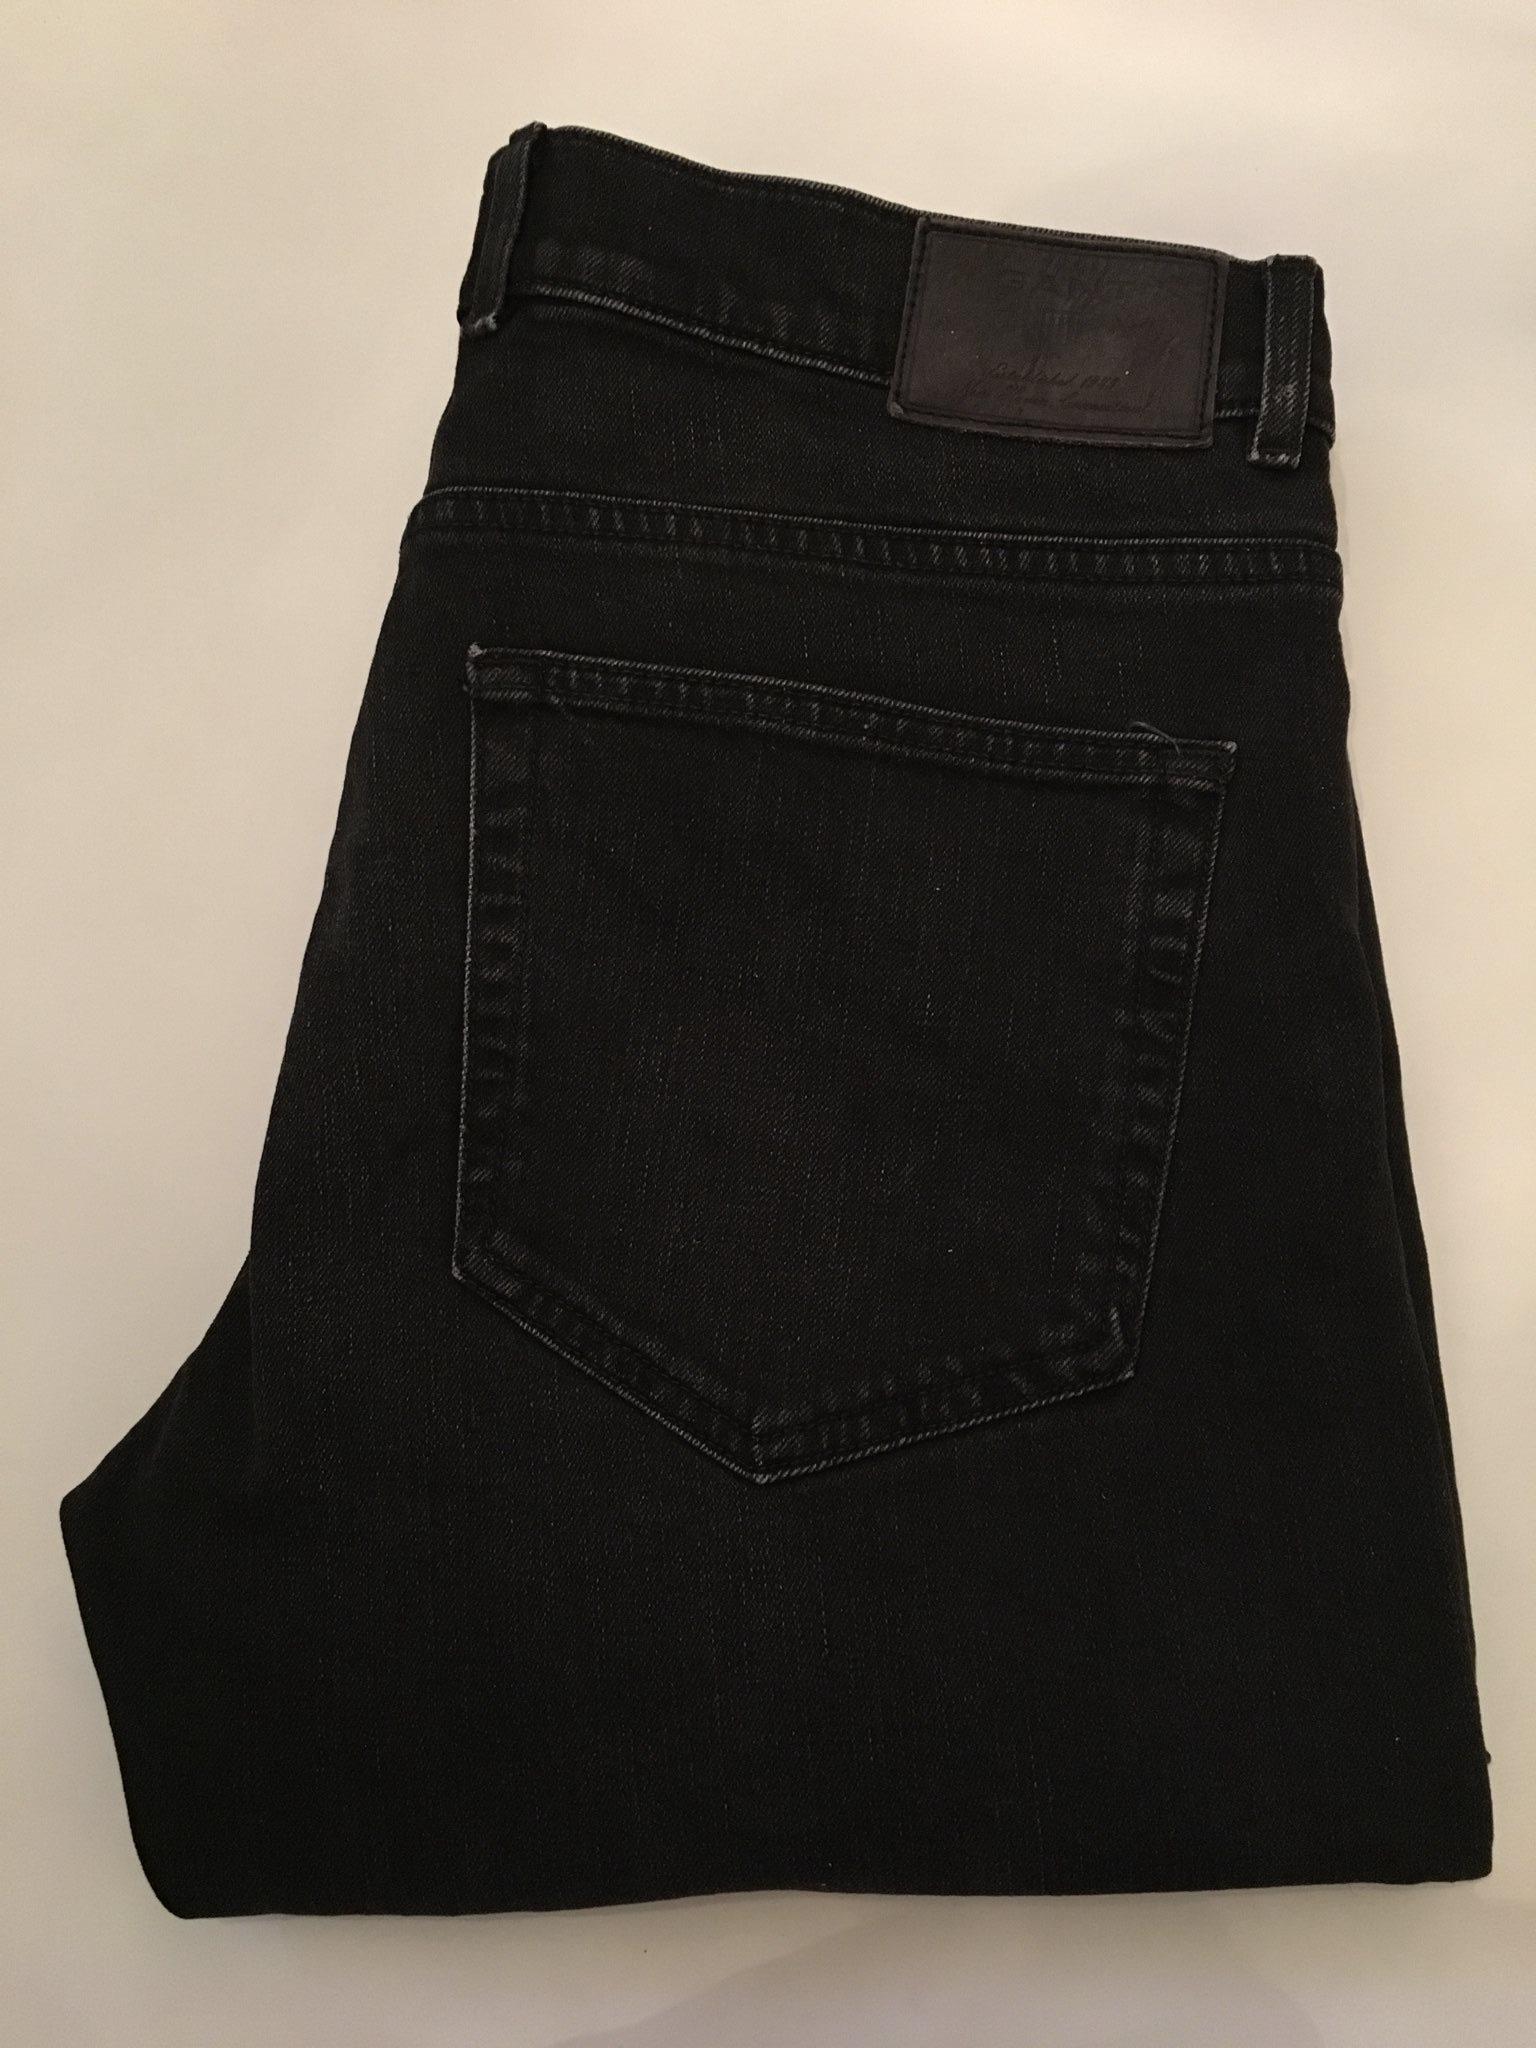 Gant jeans Tyler mörkgrå mörkgrå mörkgrå strl 34/34 8a9fd6